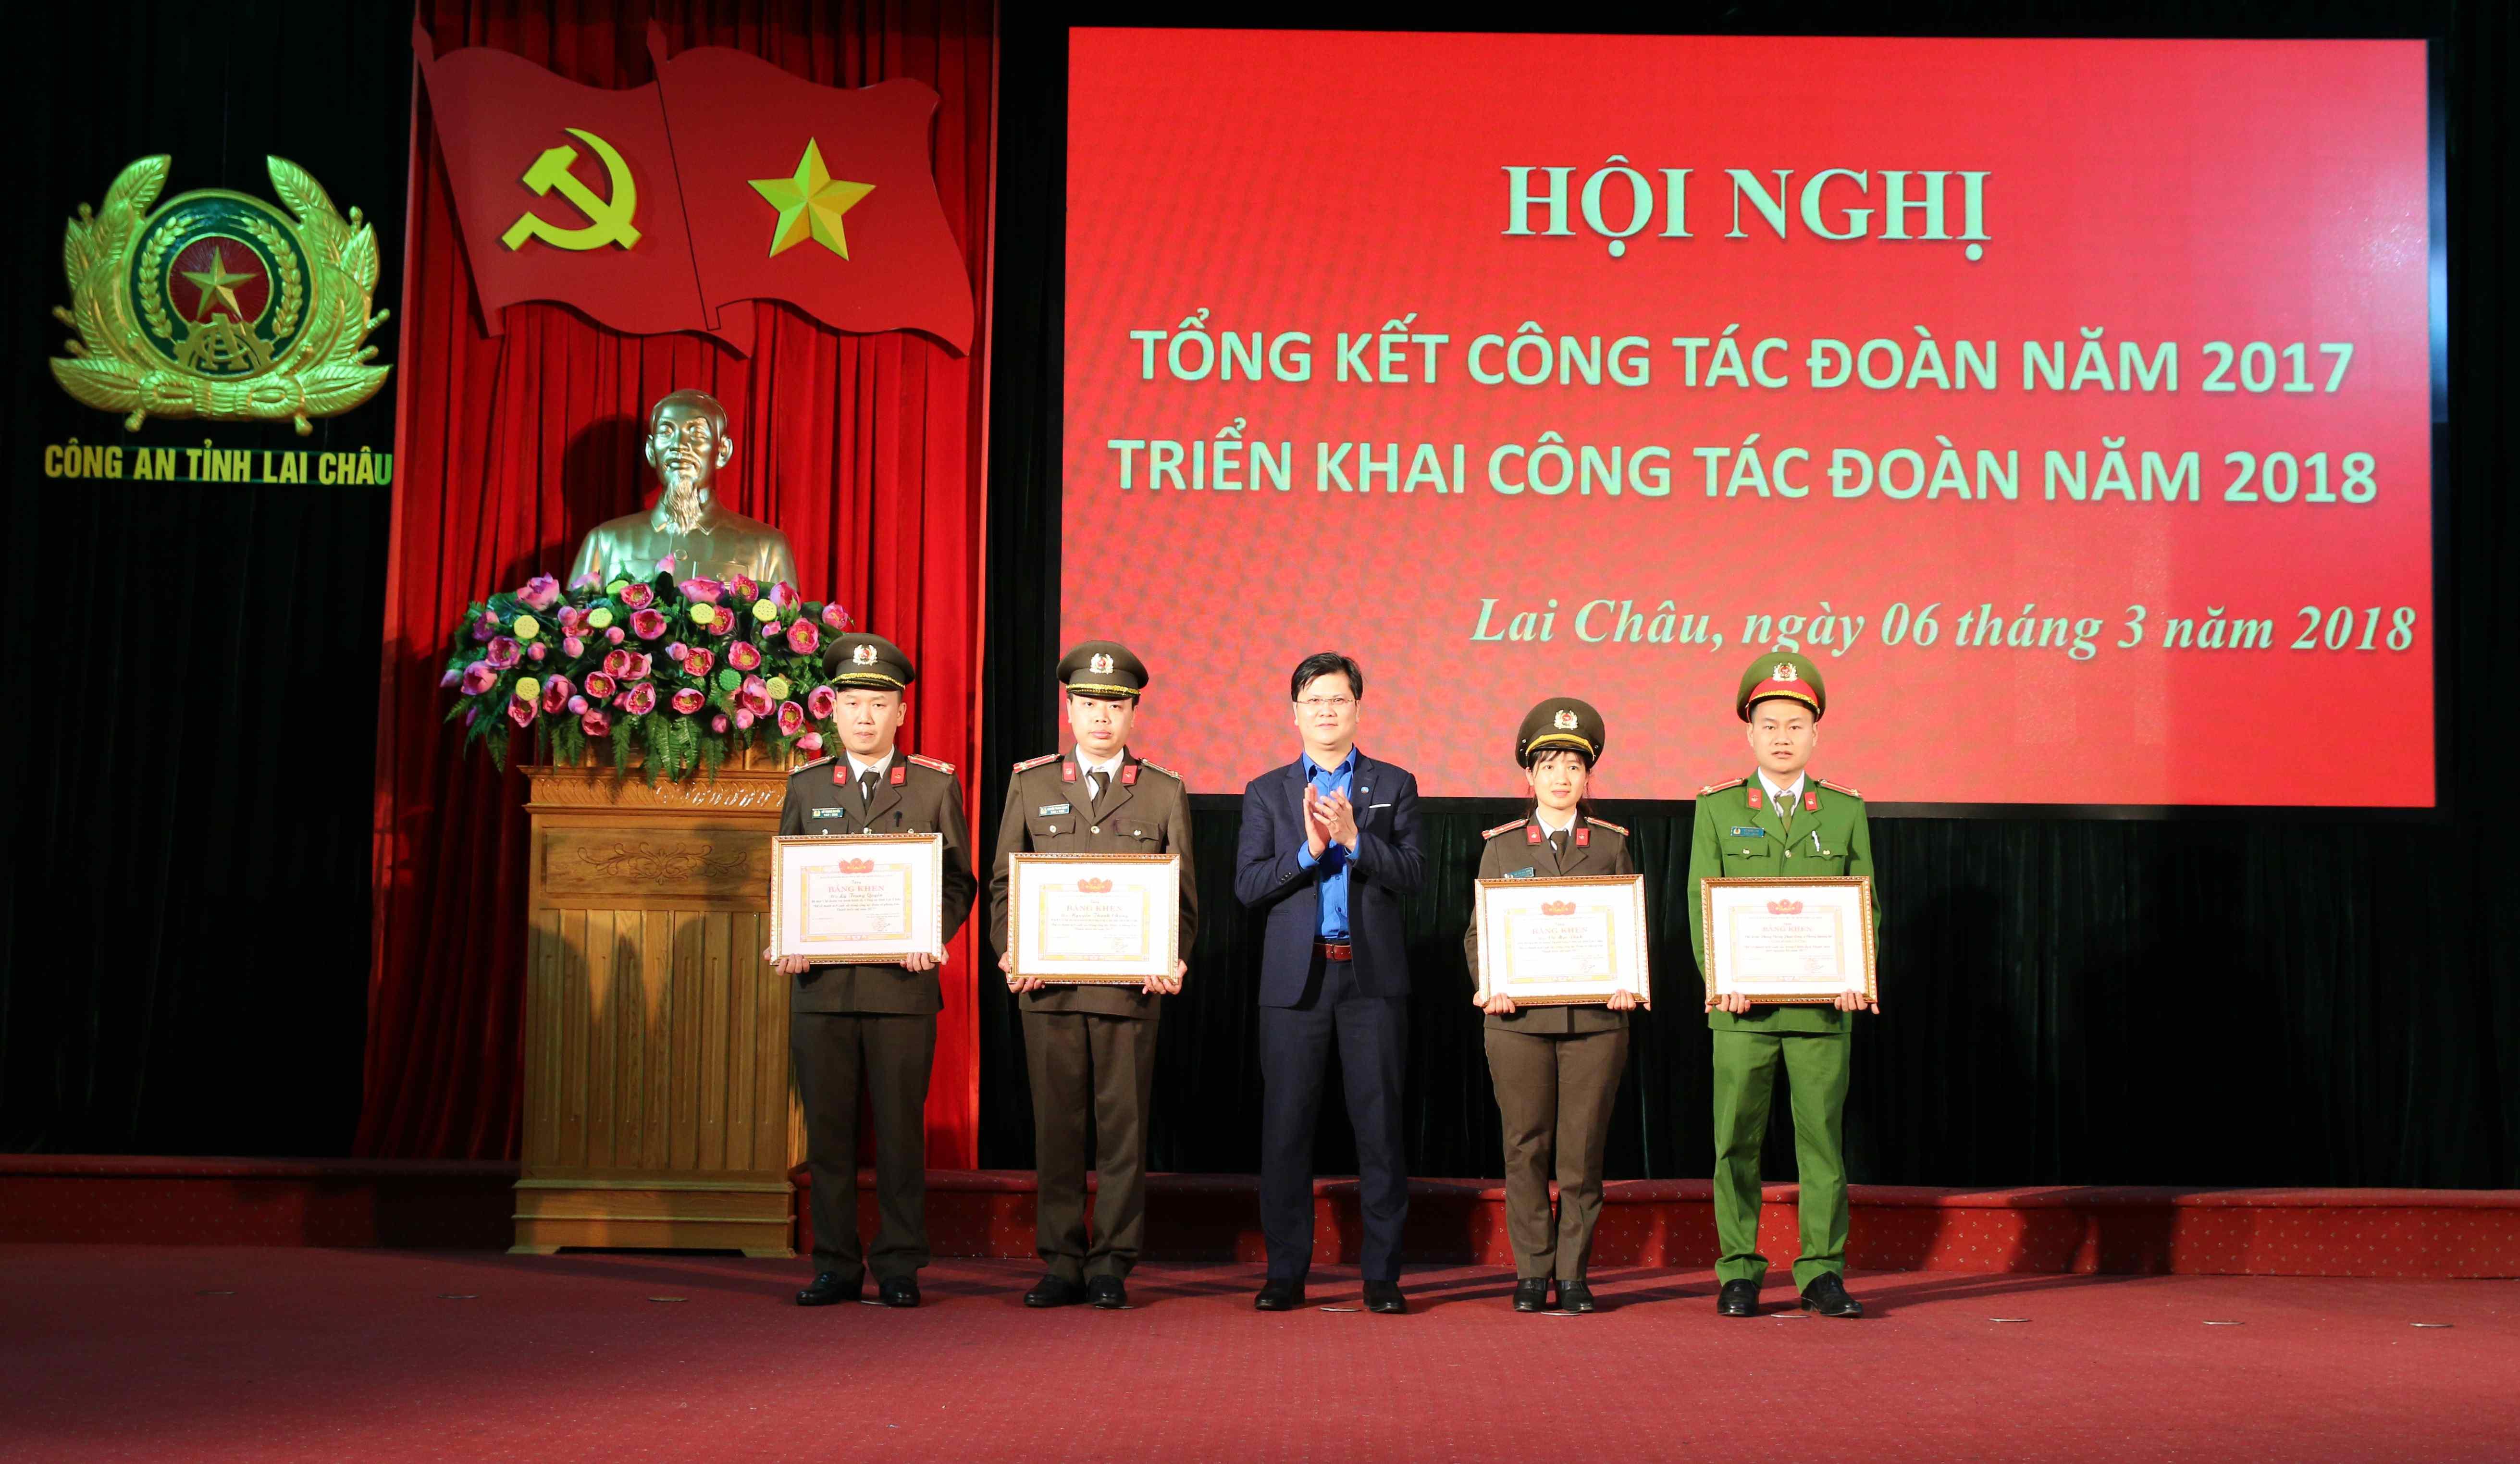 Tuổi trẻ Công an tỉnh Lai Châu học và làm theo 6 điều Bác dạy